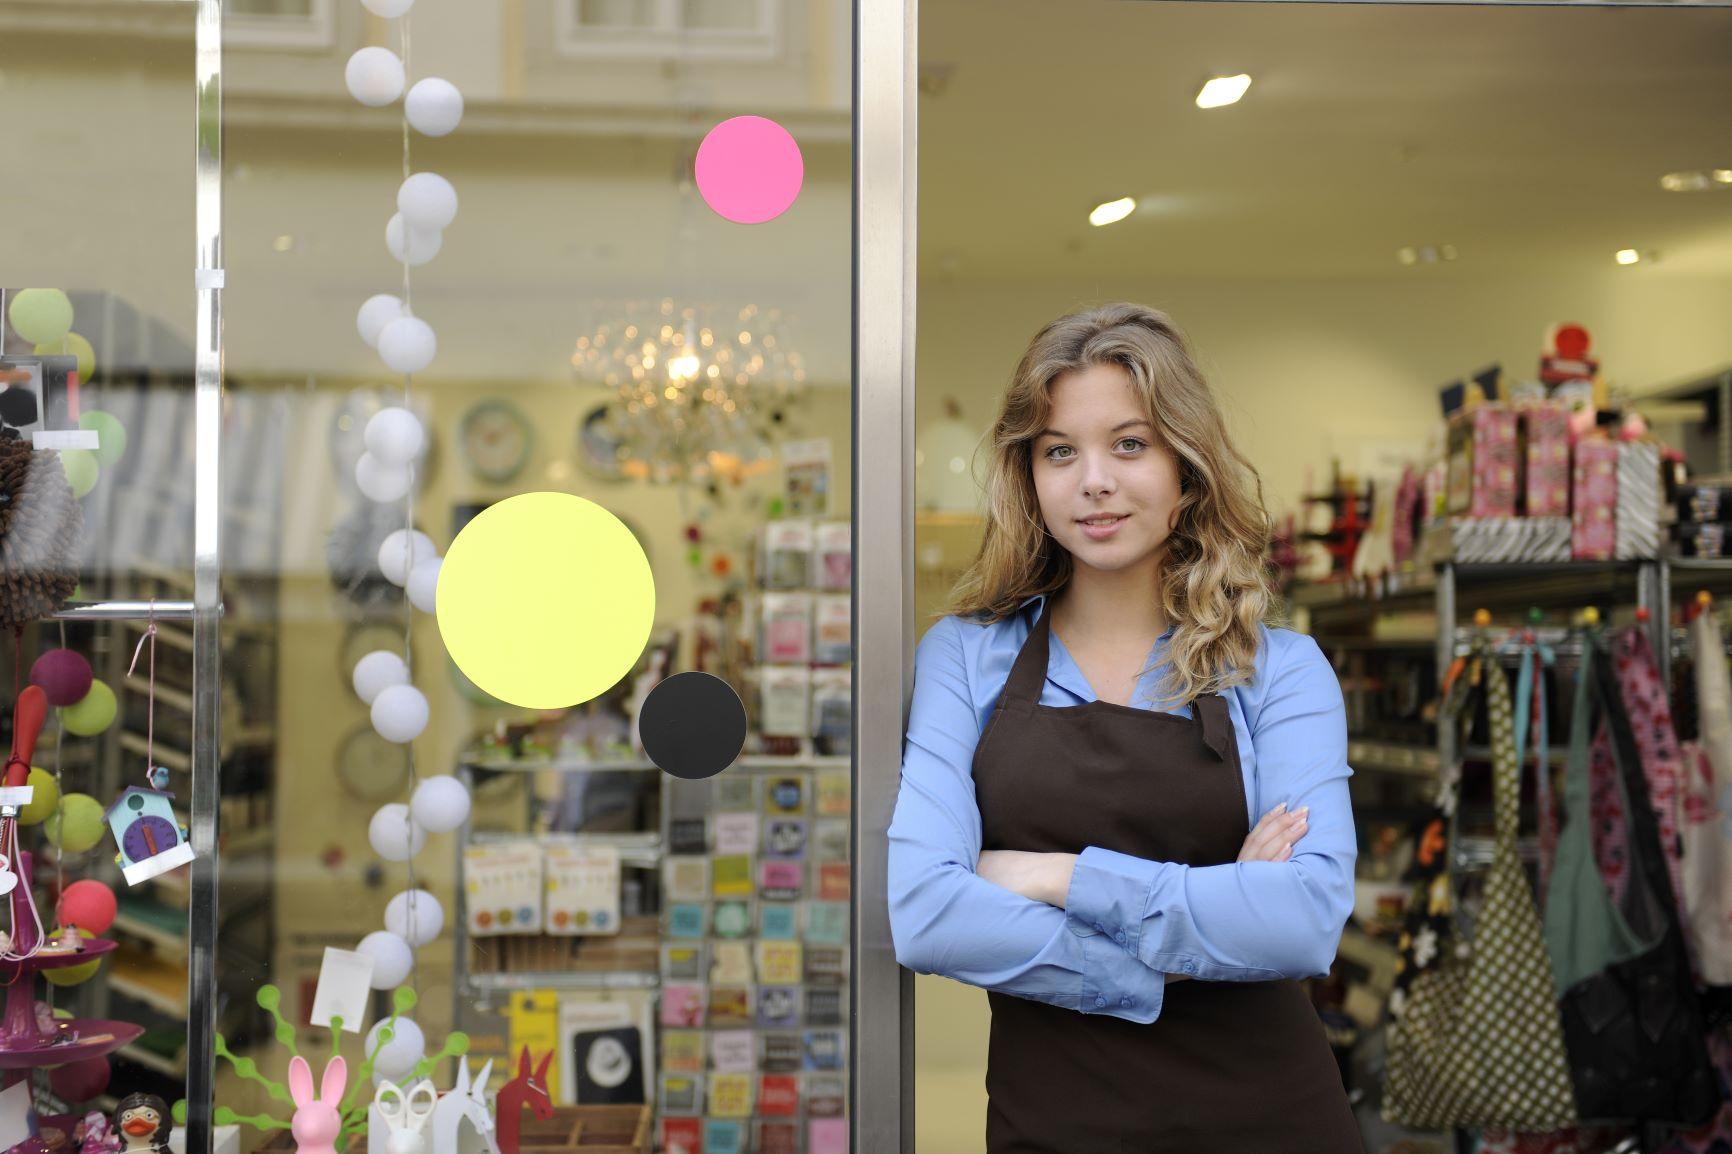 Card shop insurance